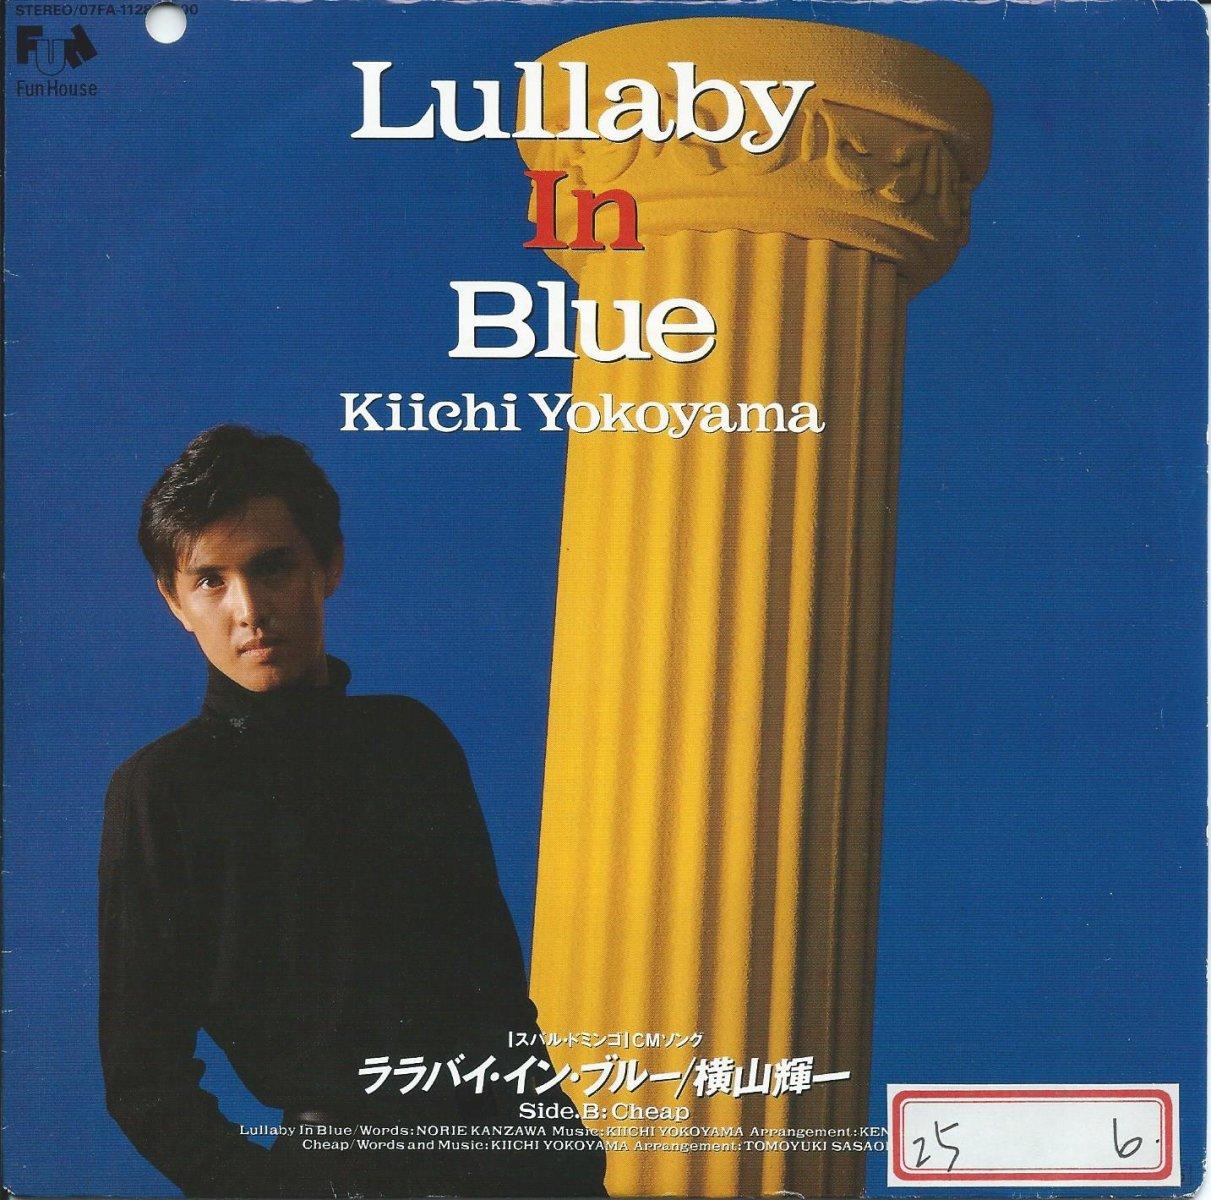 横山輝一 KIICHI YOKOYAMA / ララバイ・イン・ブルー LULLABY IN BLUE / CHEAP (7